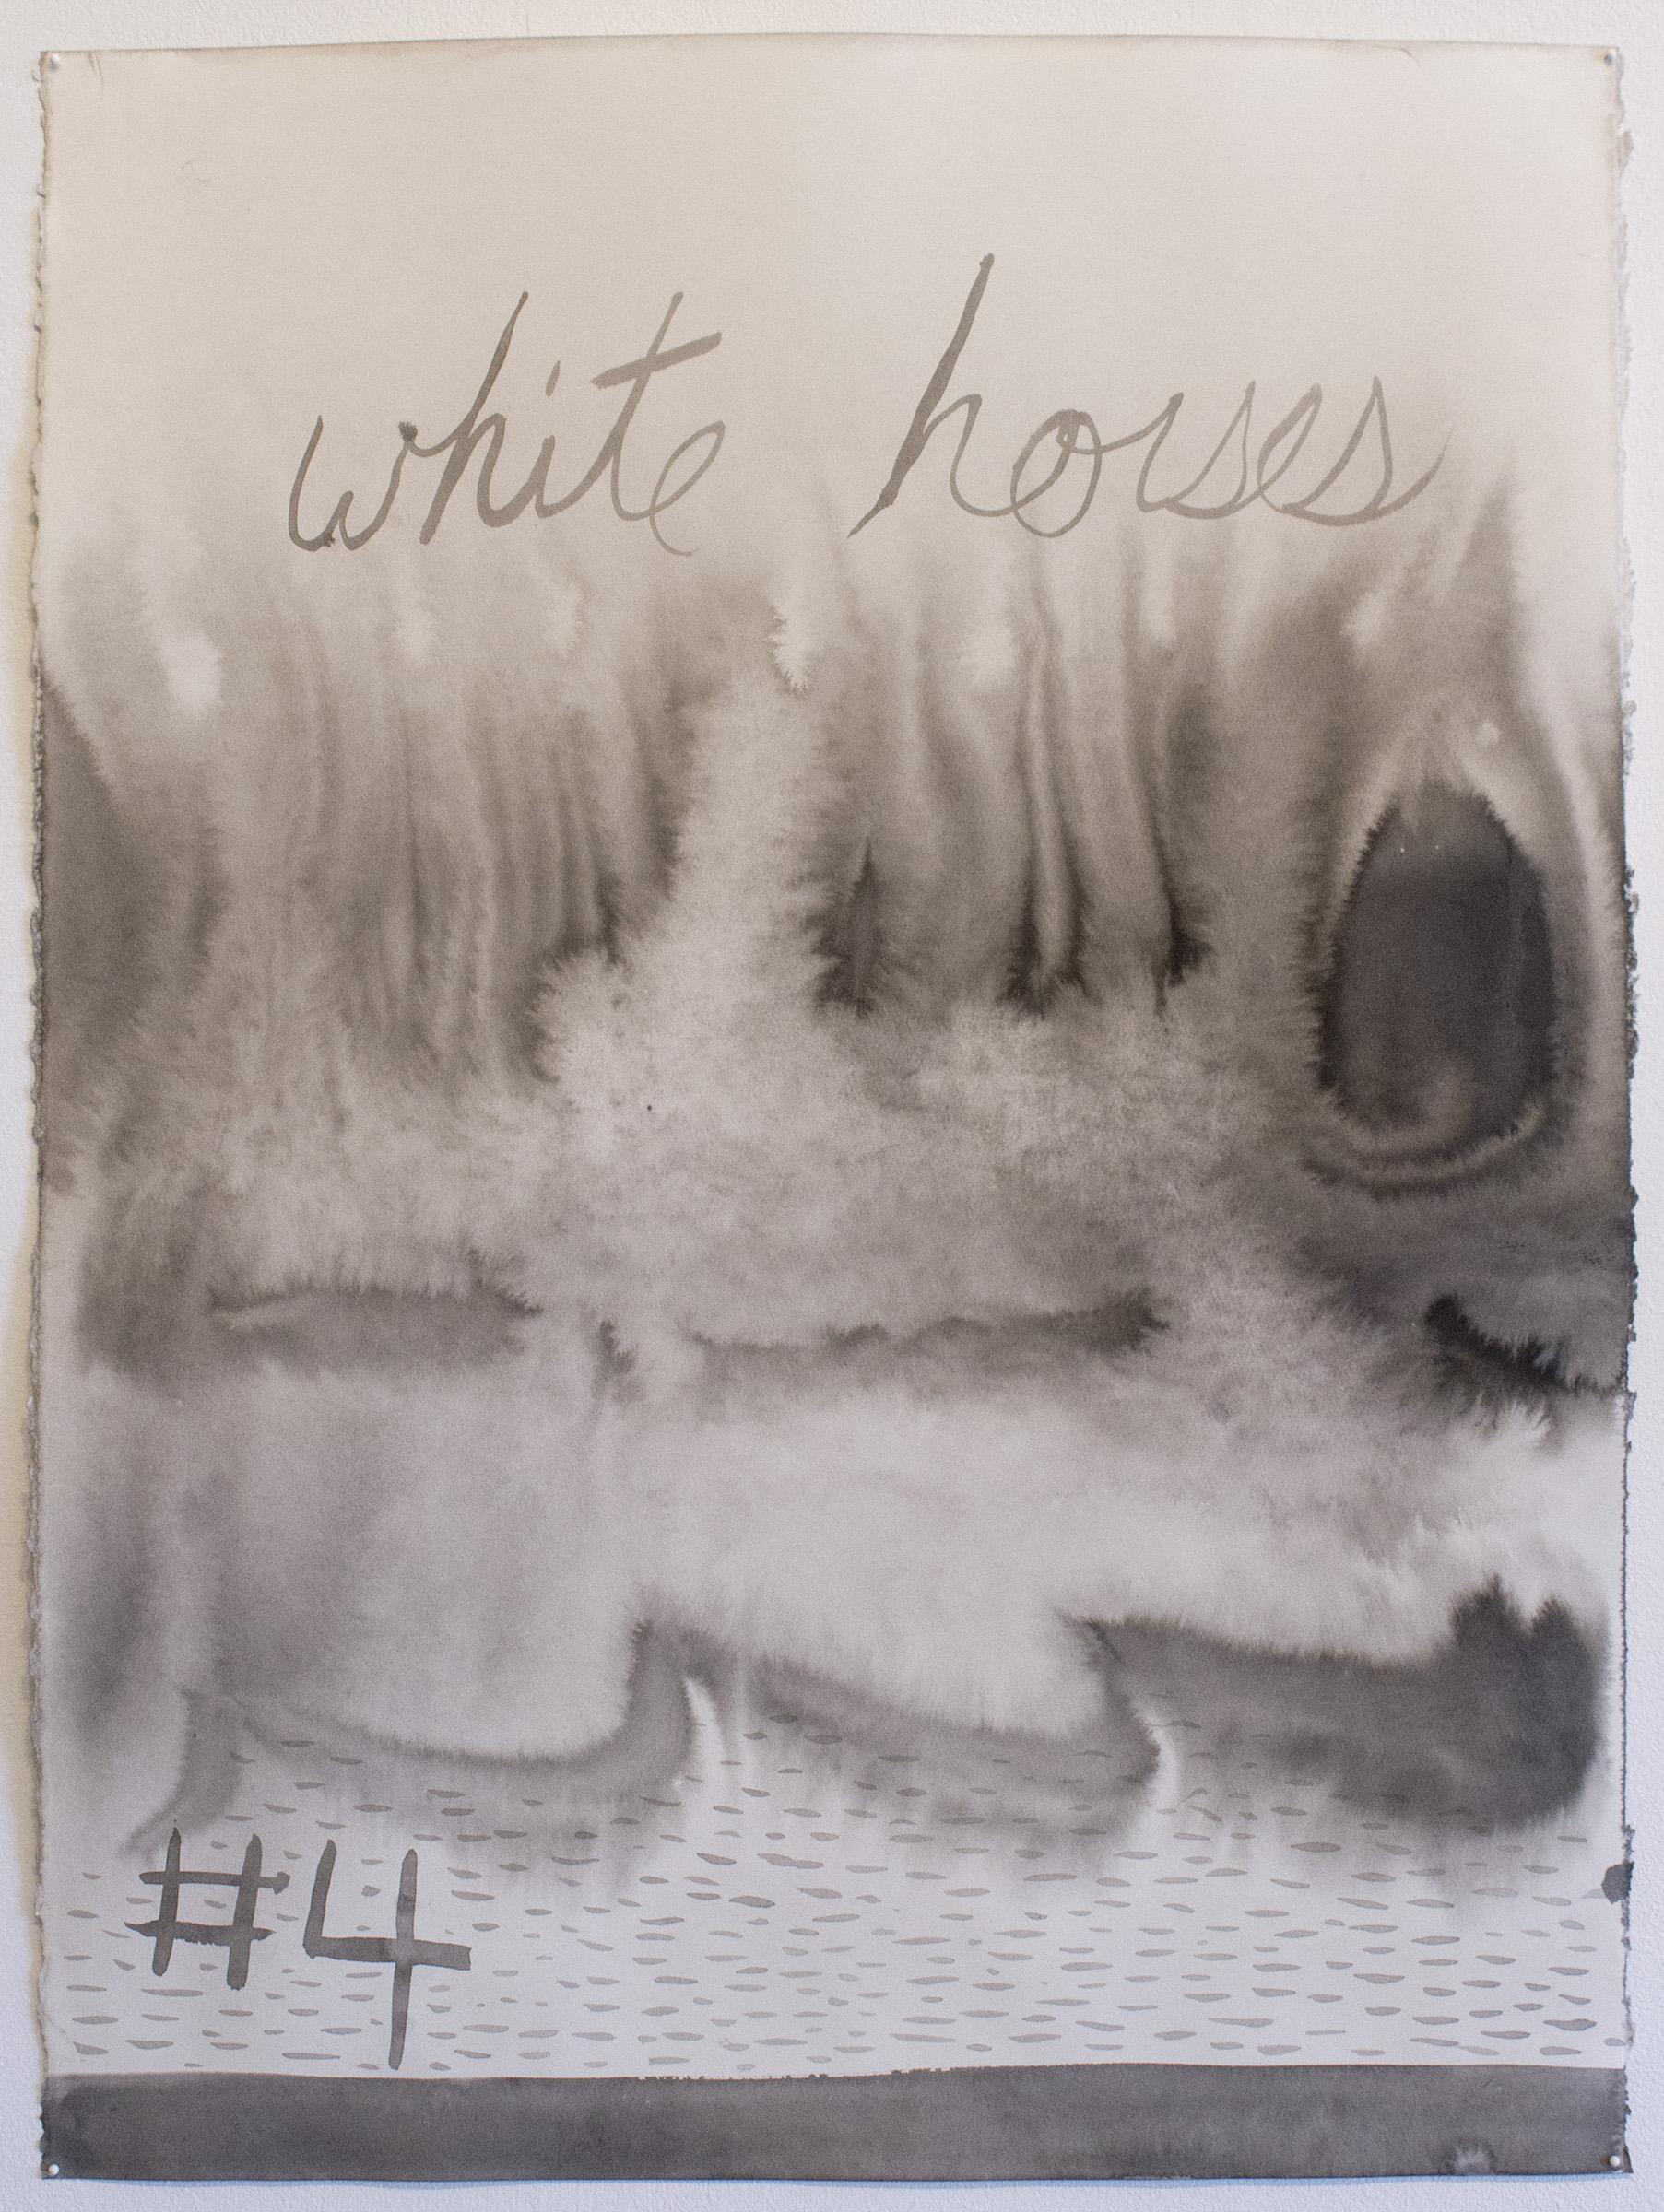 Cooper white horses.jpg